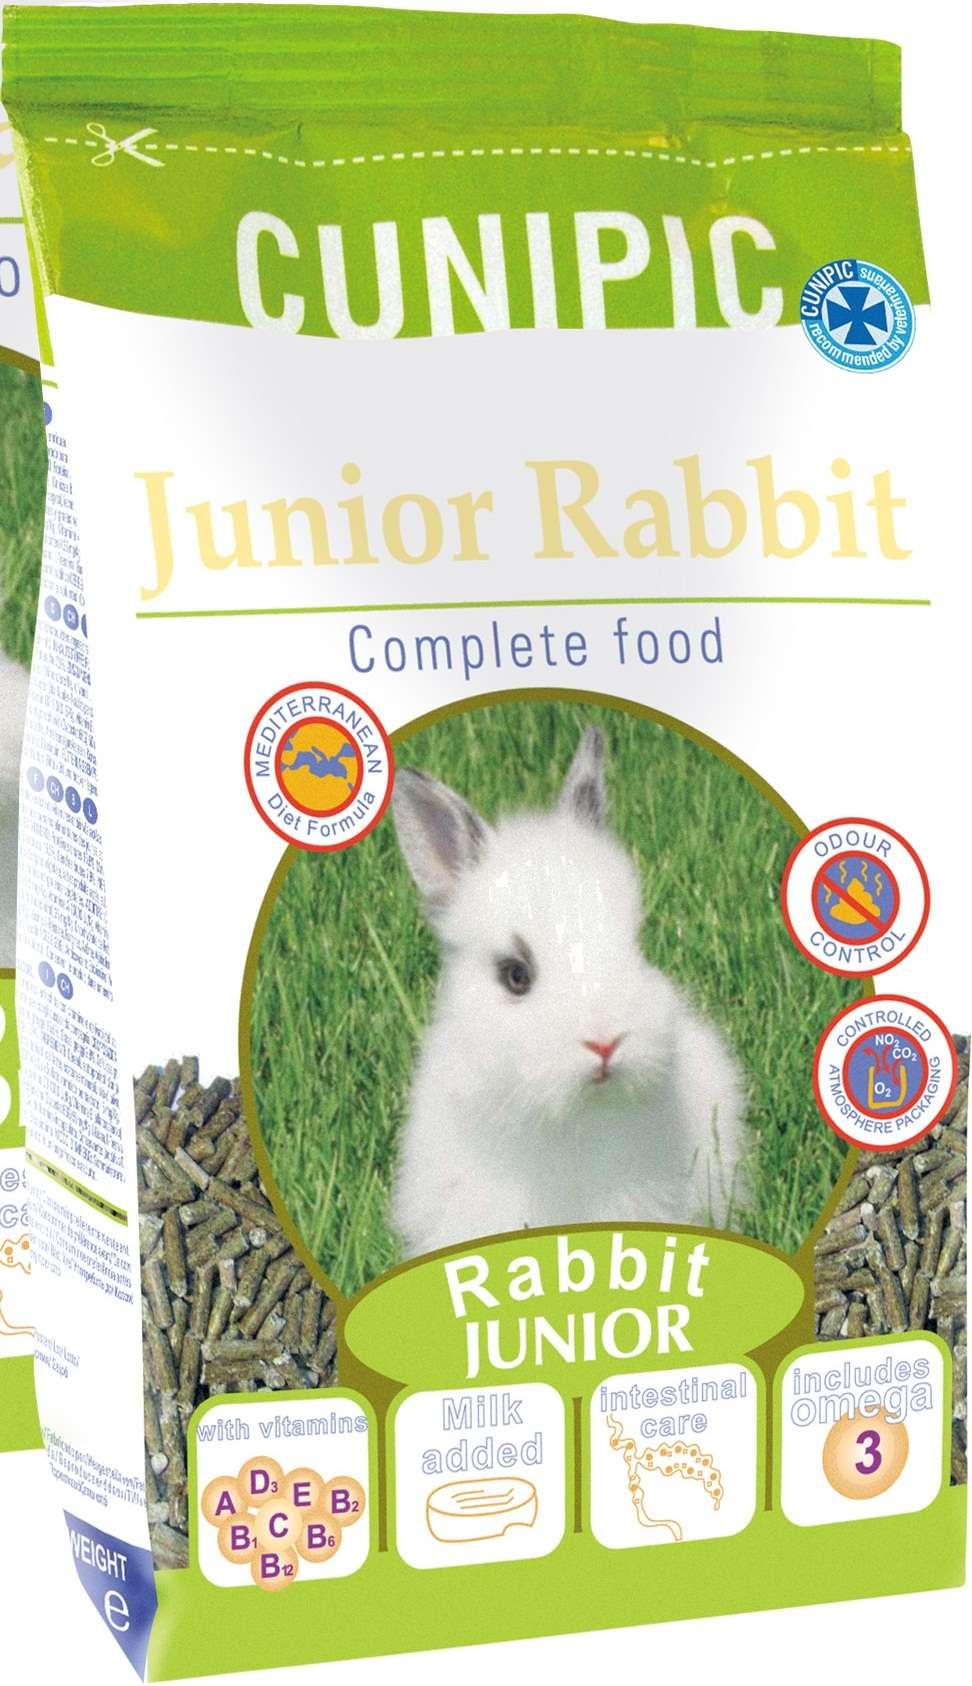 Cunipic Junior Rabbit